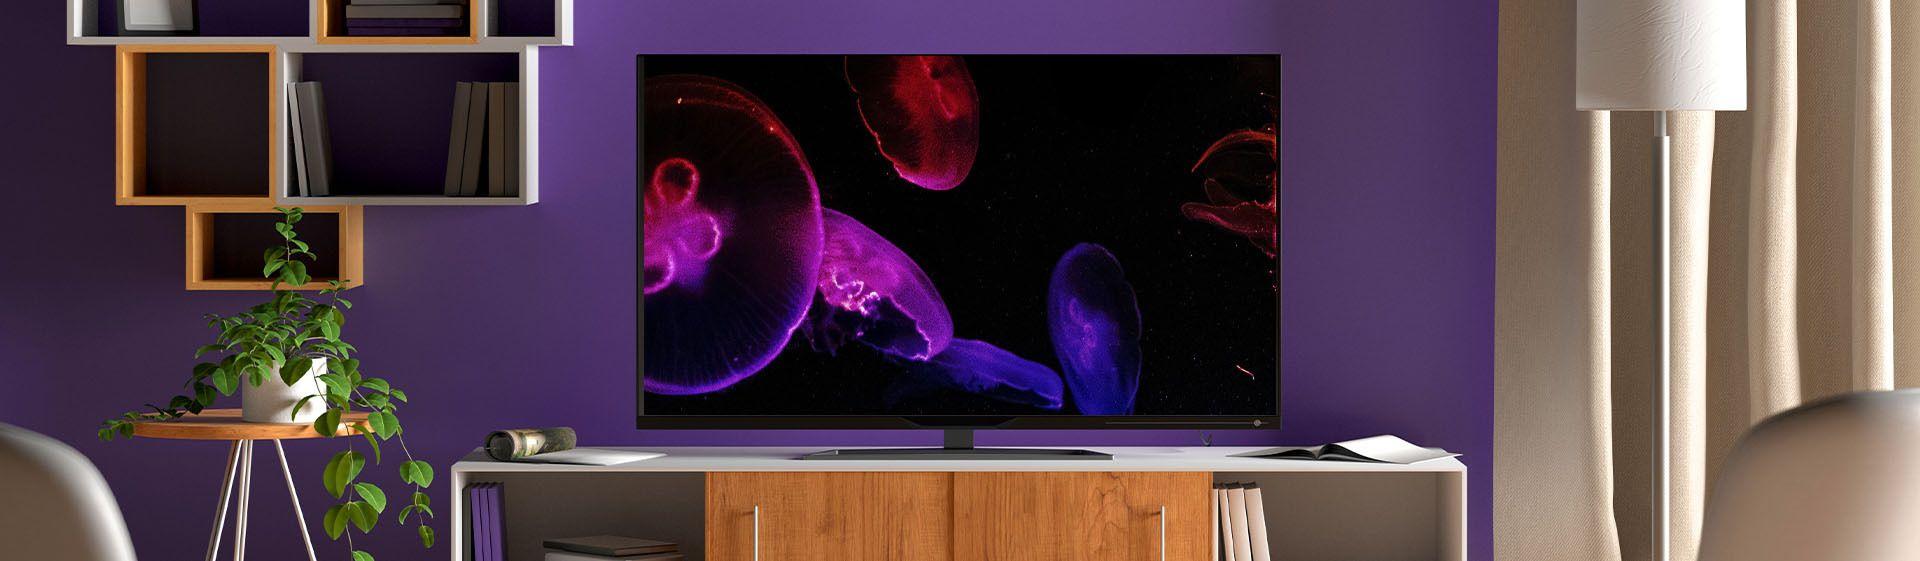 Melhor TV 40 polegadas 2020: TCL S6500 lidera o ranking